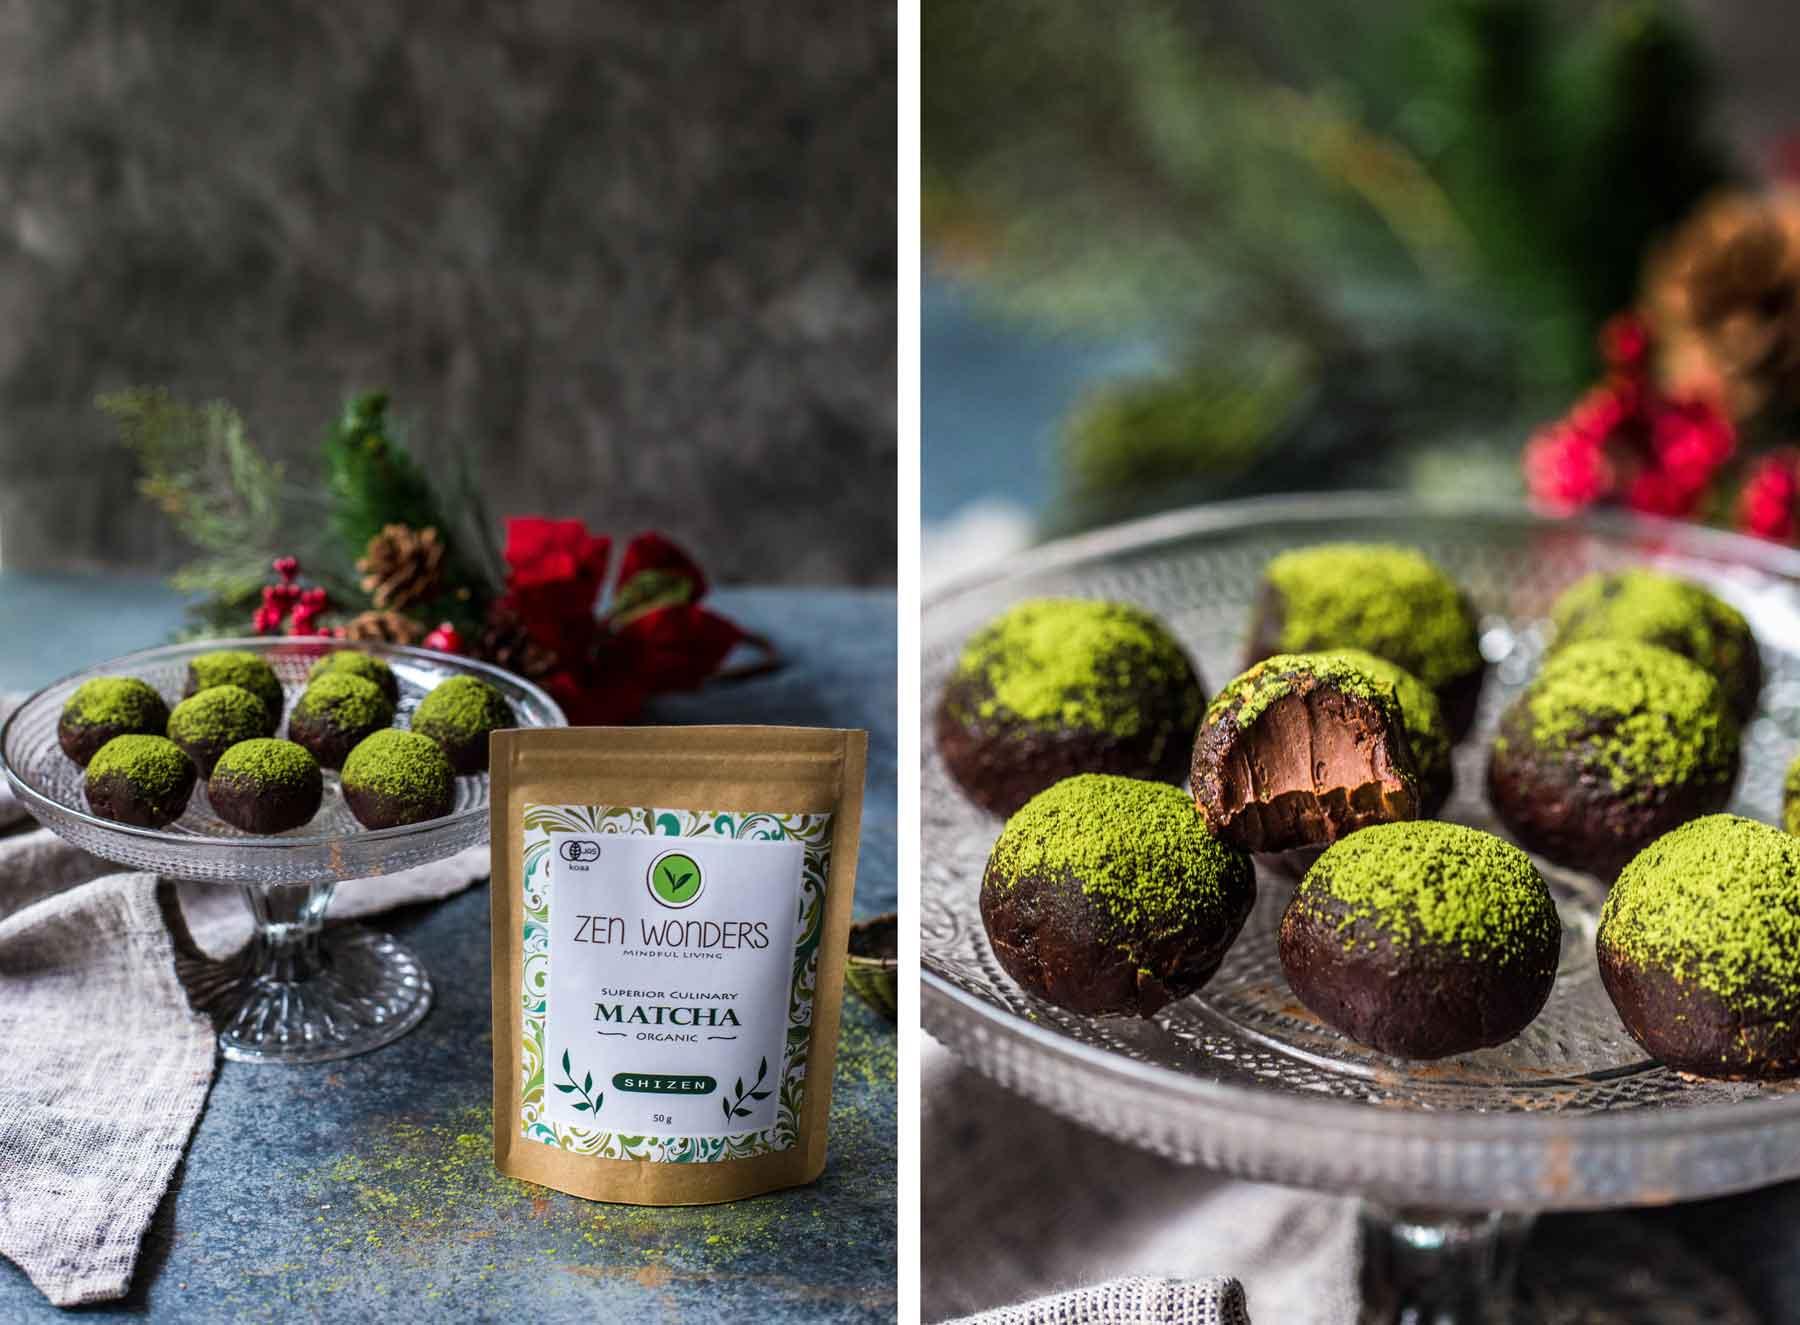 A packet of organic Zen Wonders Matcha next to Chocolate Matcha Truffles